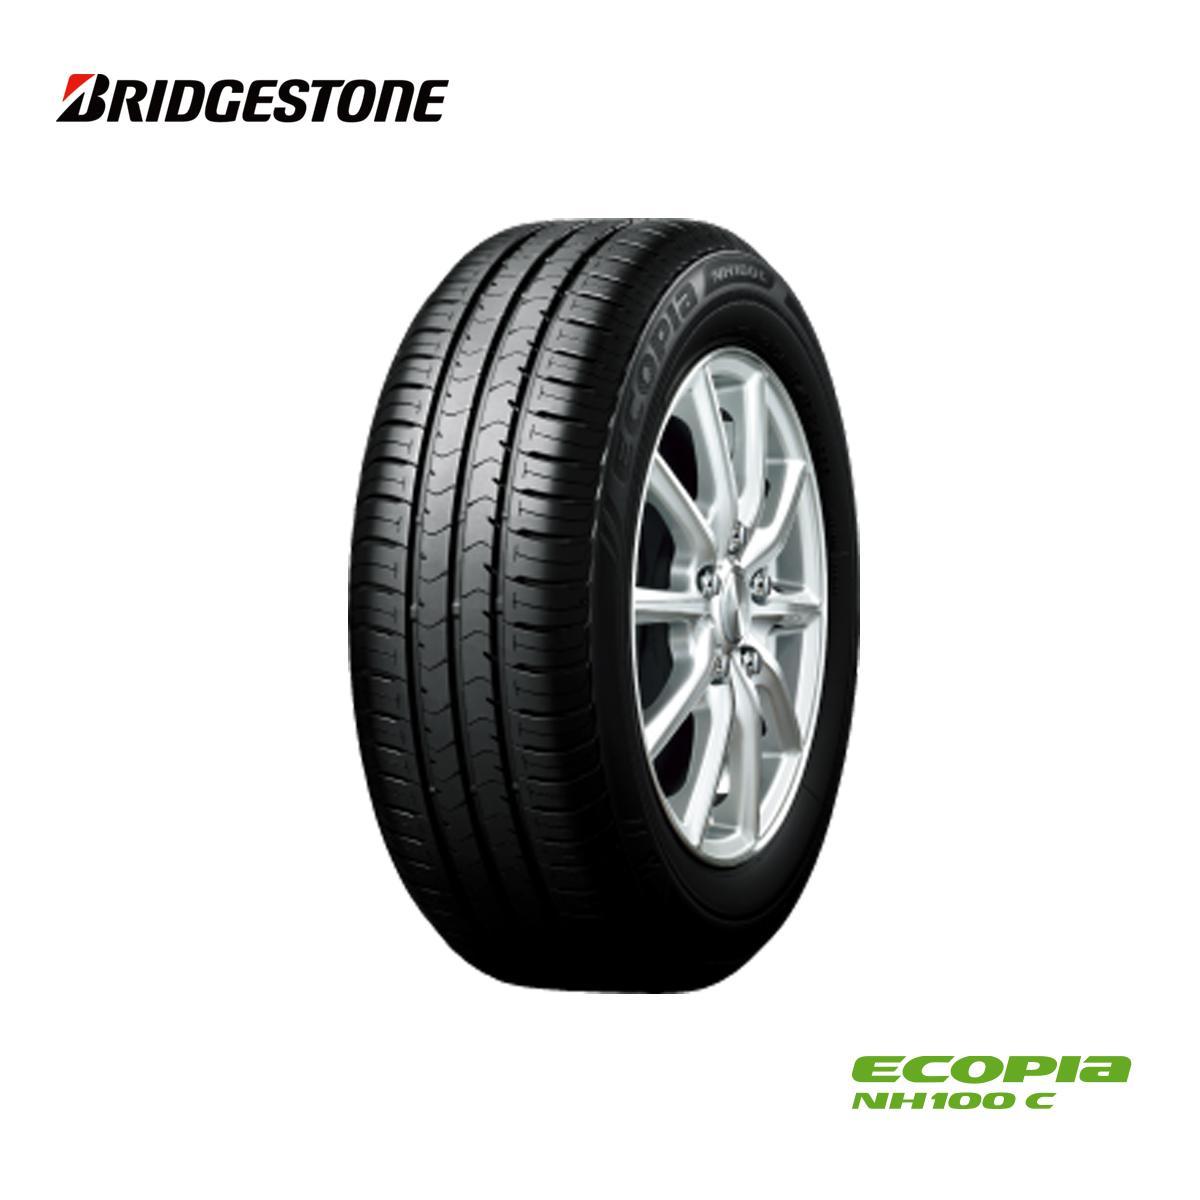 ブリヂストン BS 15インチ タイヤ 175/65R15 175 65 15 84H エコピア サマータイヤ 2本 84H 低燃費 軽 コンパクト 夏 BRIDGESTONE ECOPIA NH100C